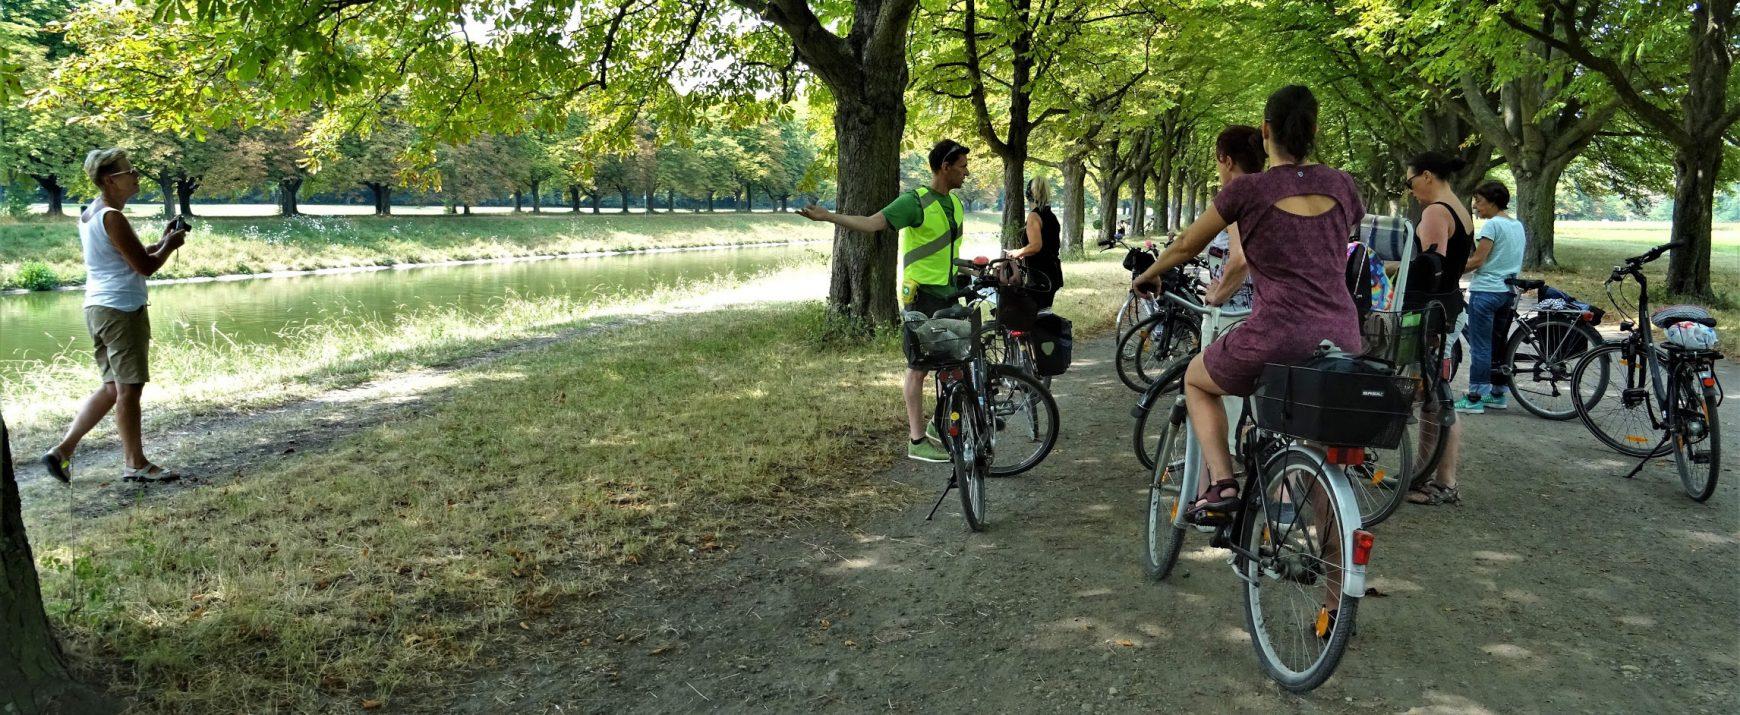 Im Westen viel Grünes. Fahrradführung